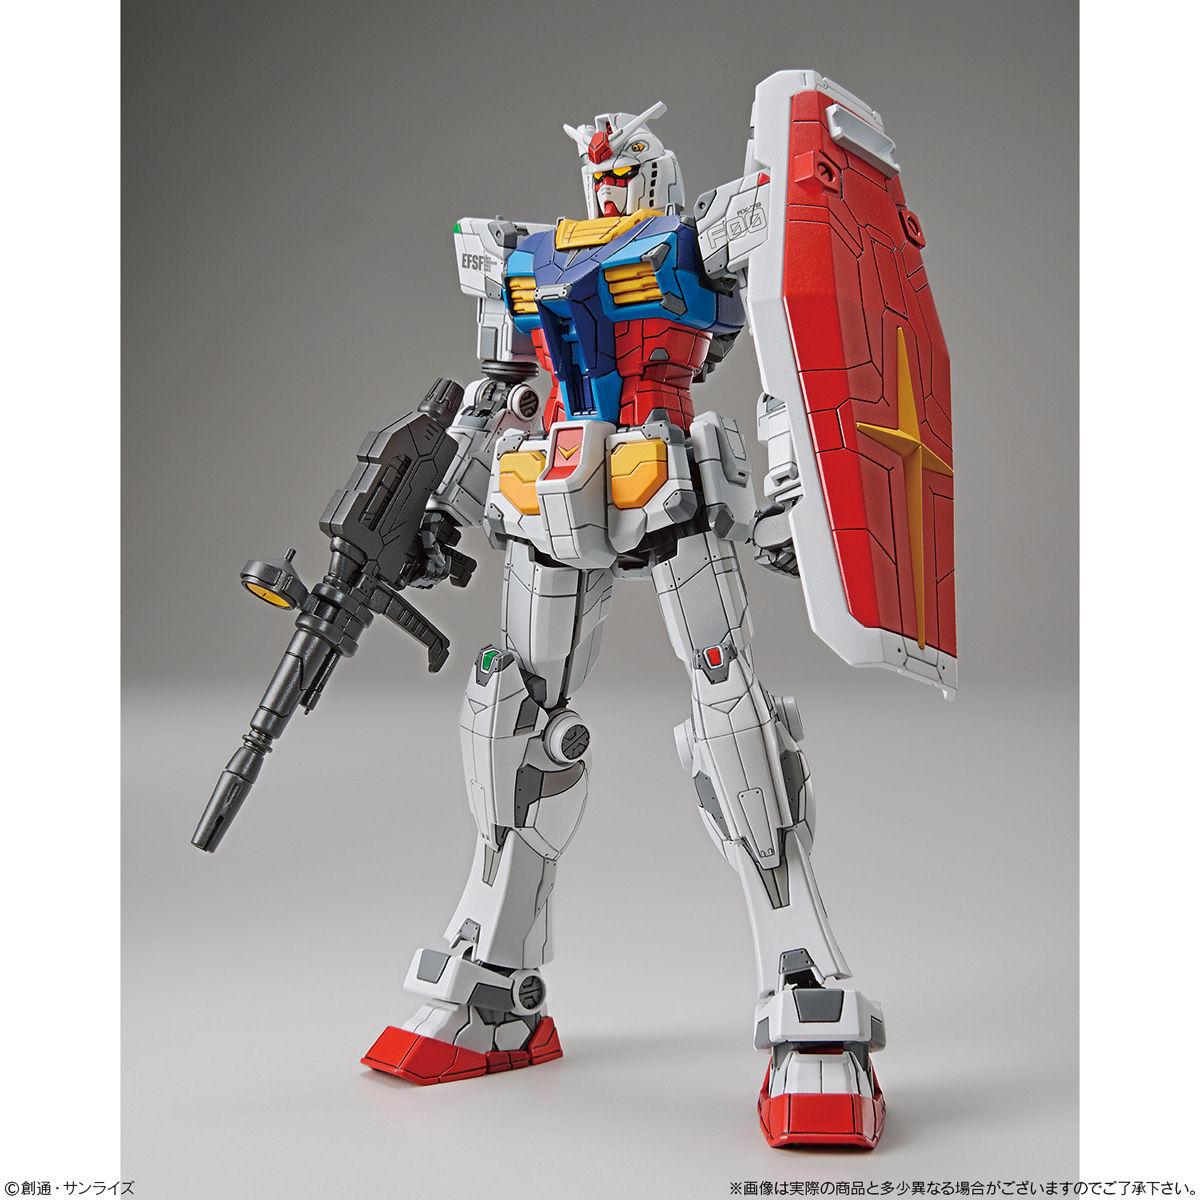 【先行販売】GUNDAM FACTORY YOKOHAMA『RX-78F00 ガンダム&ガンダムドック』1/144 プラモデル-002